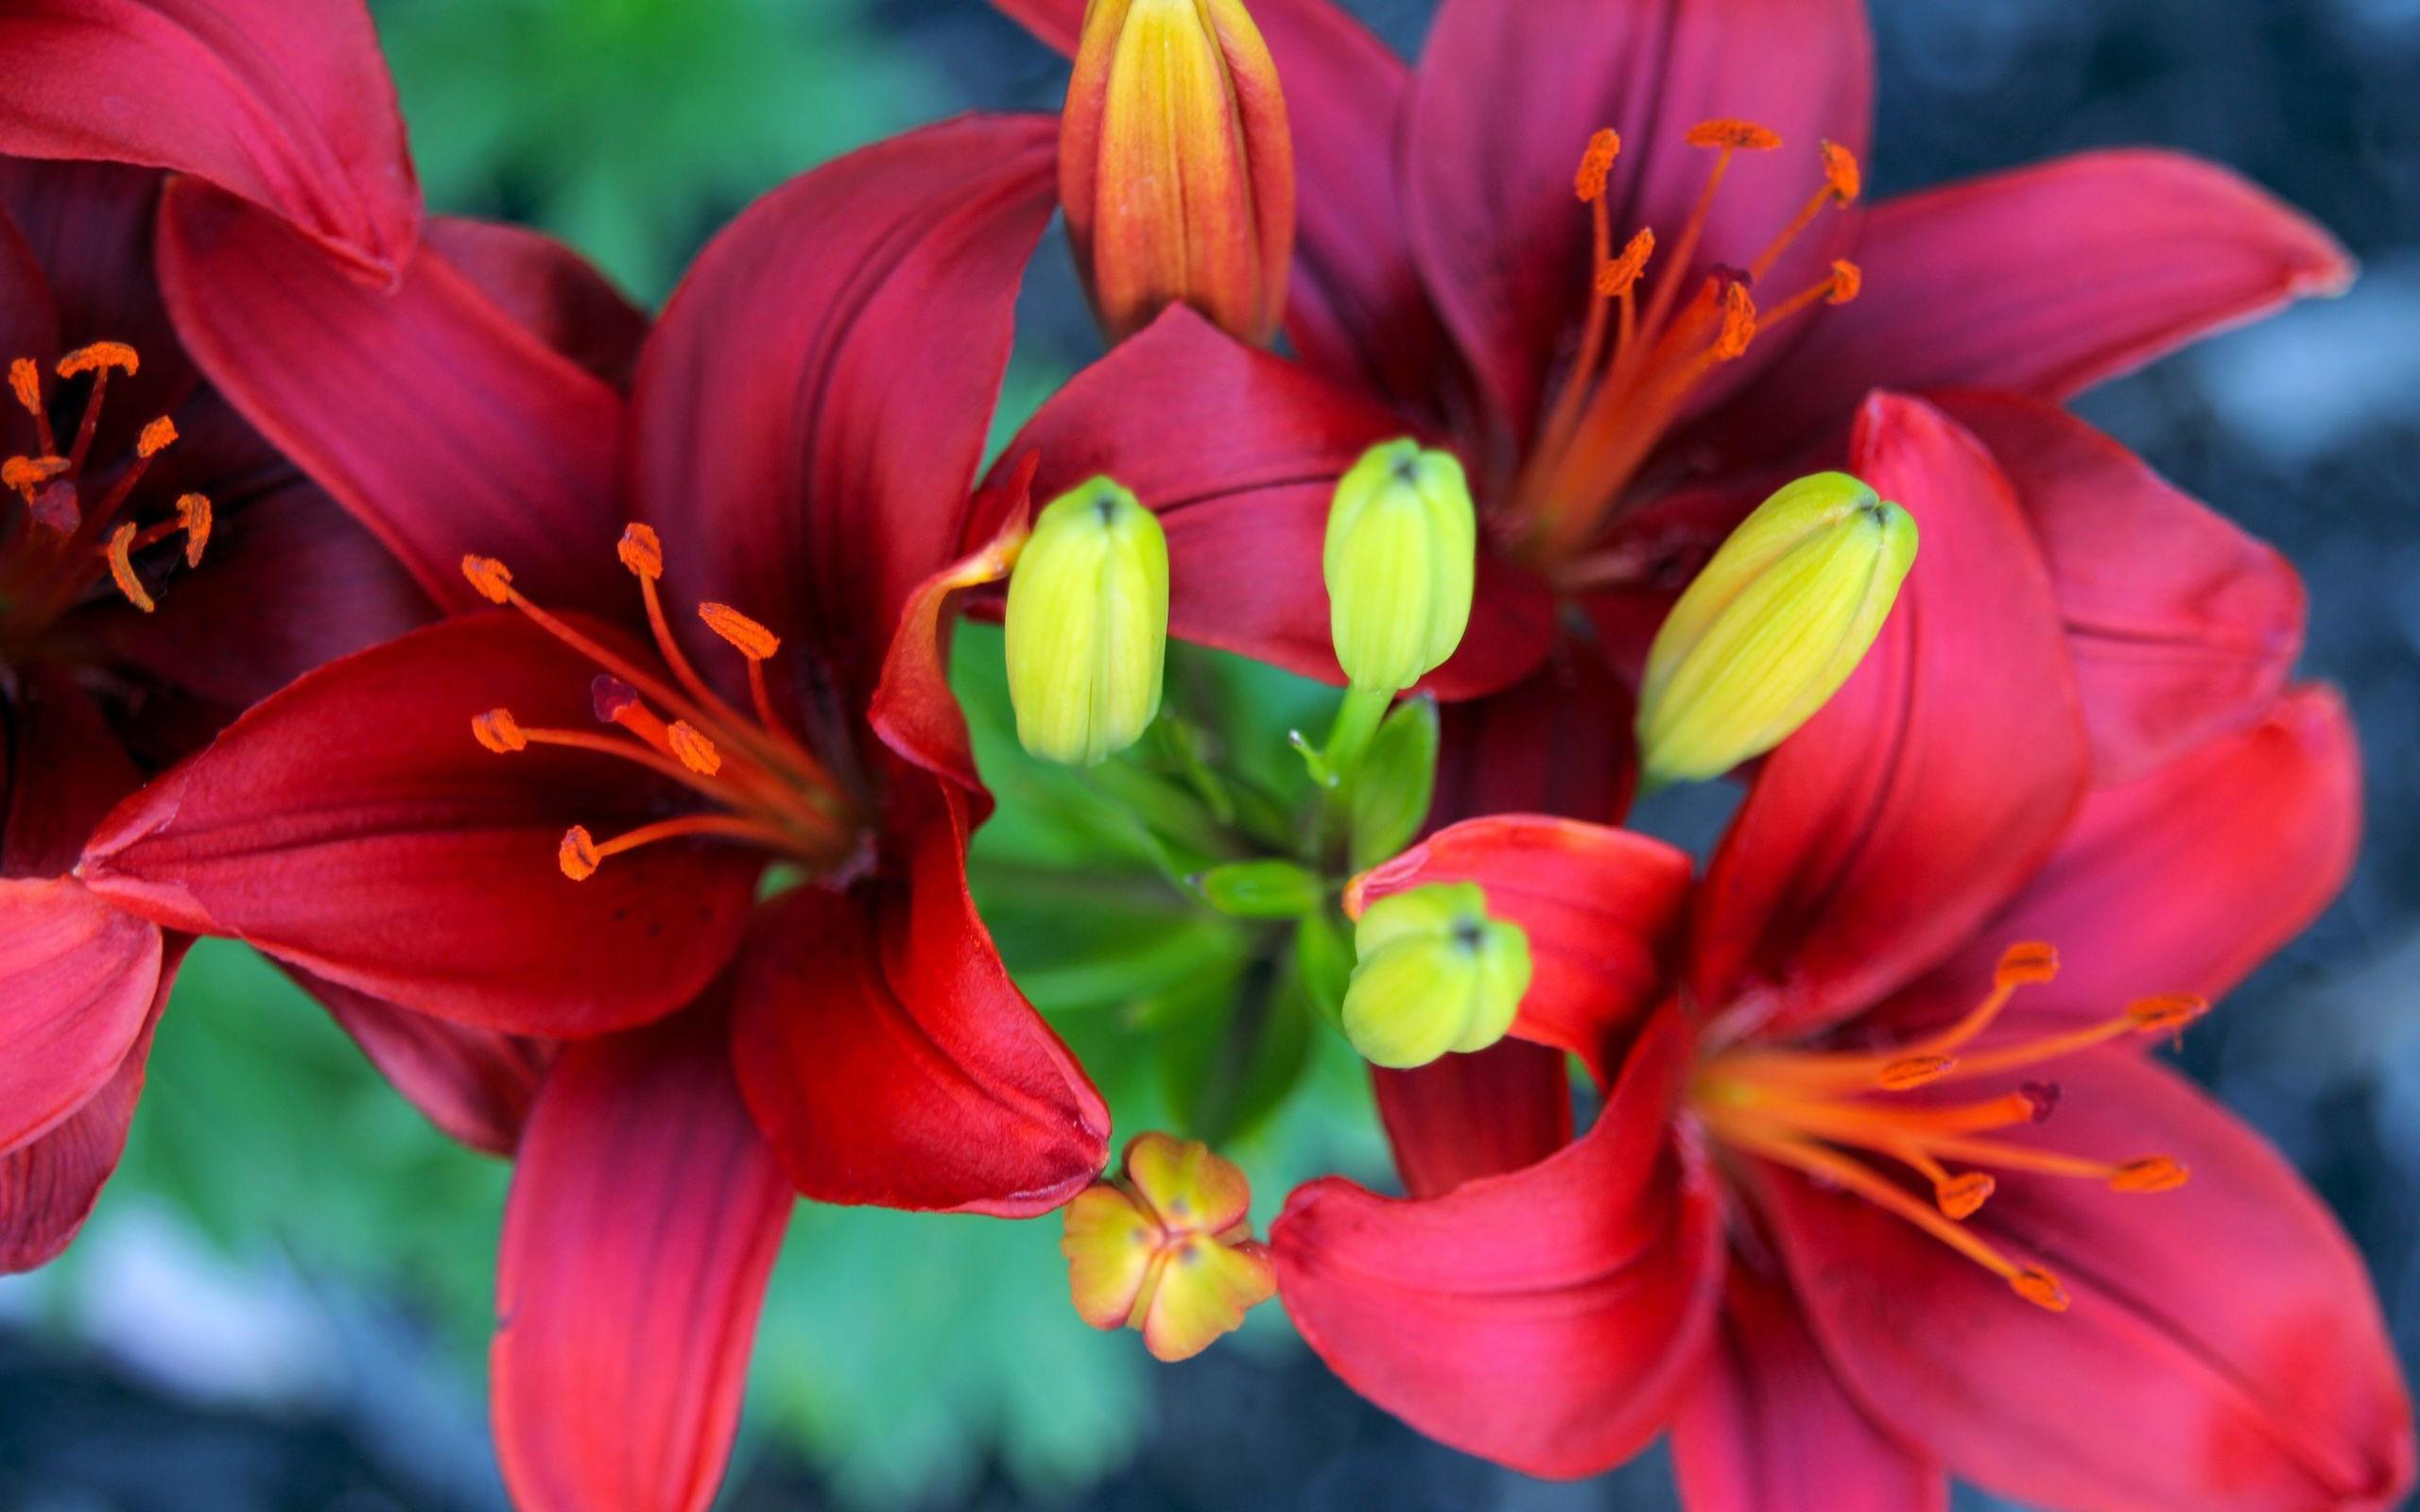 http://www.rabstol.net/uploads/gallery/main/288/rabstol_net_lilies_11.jpg